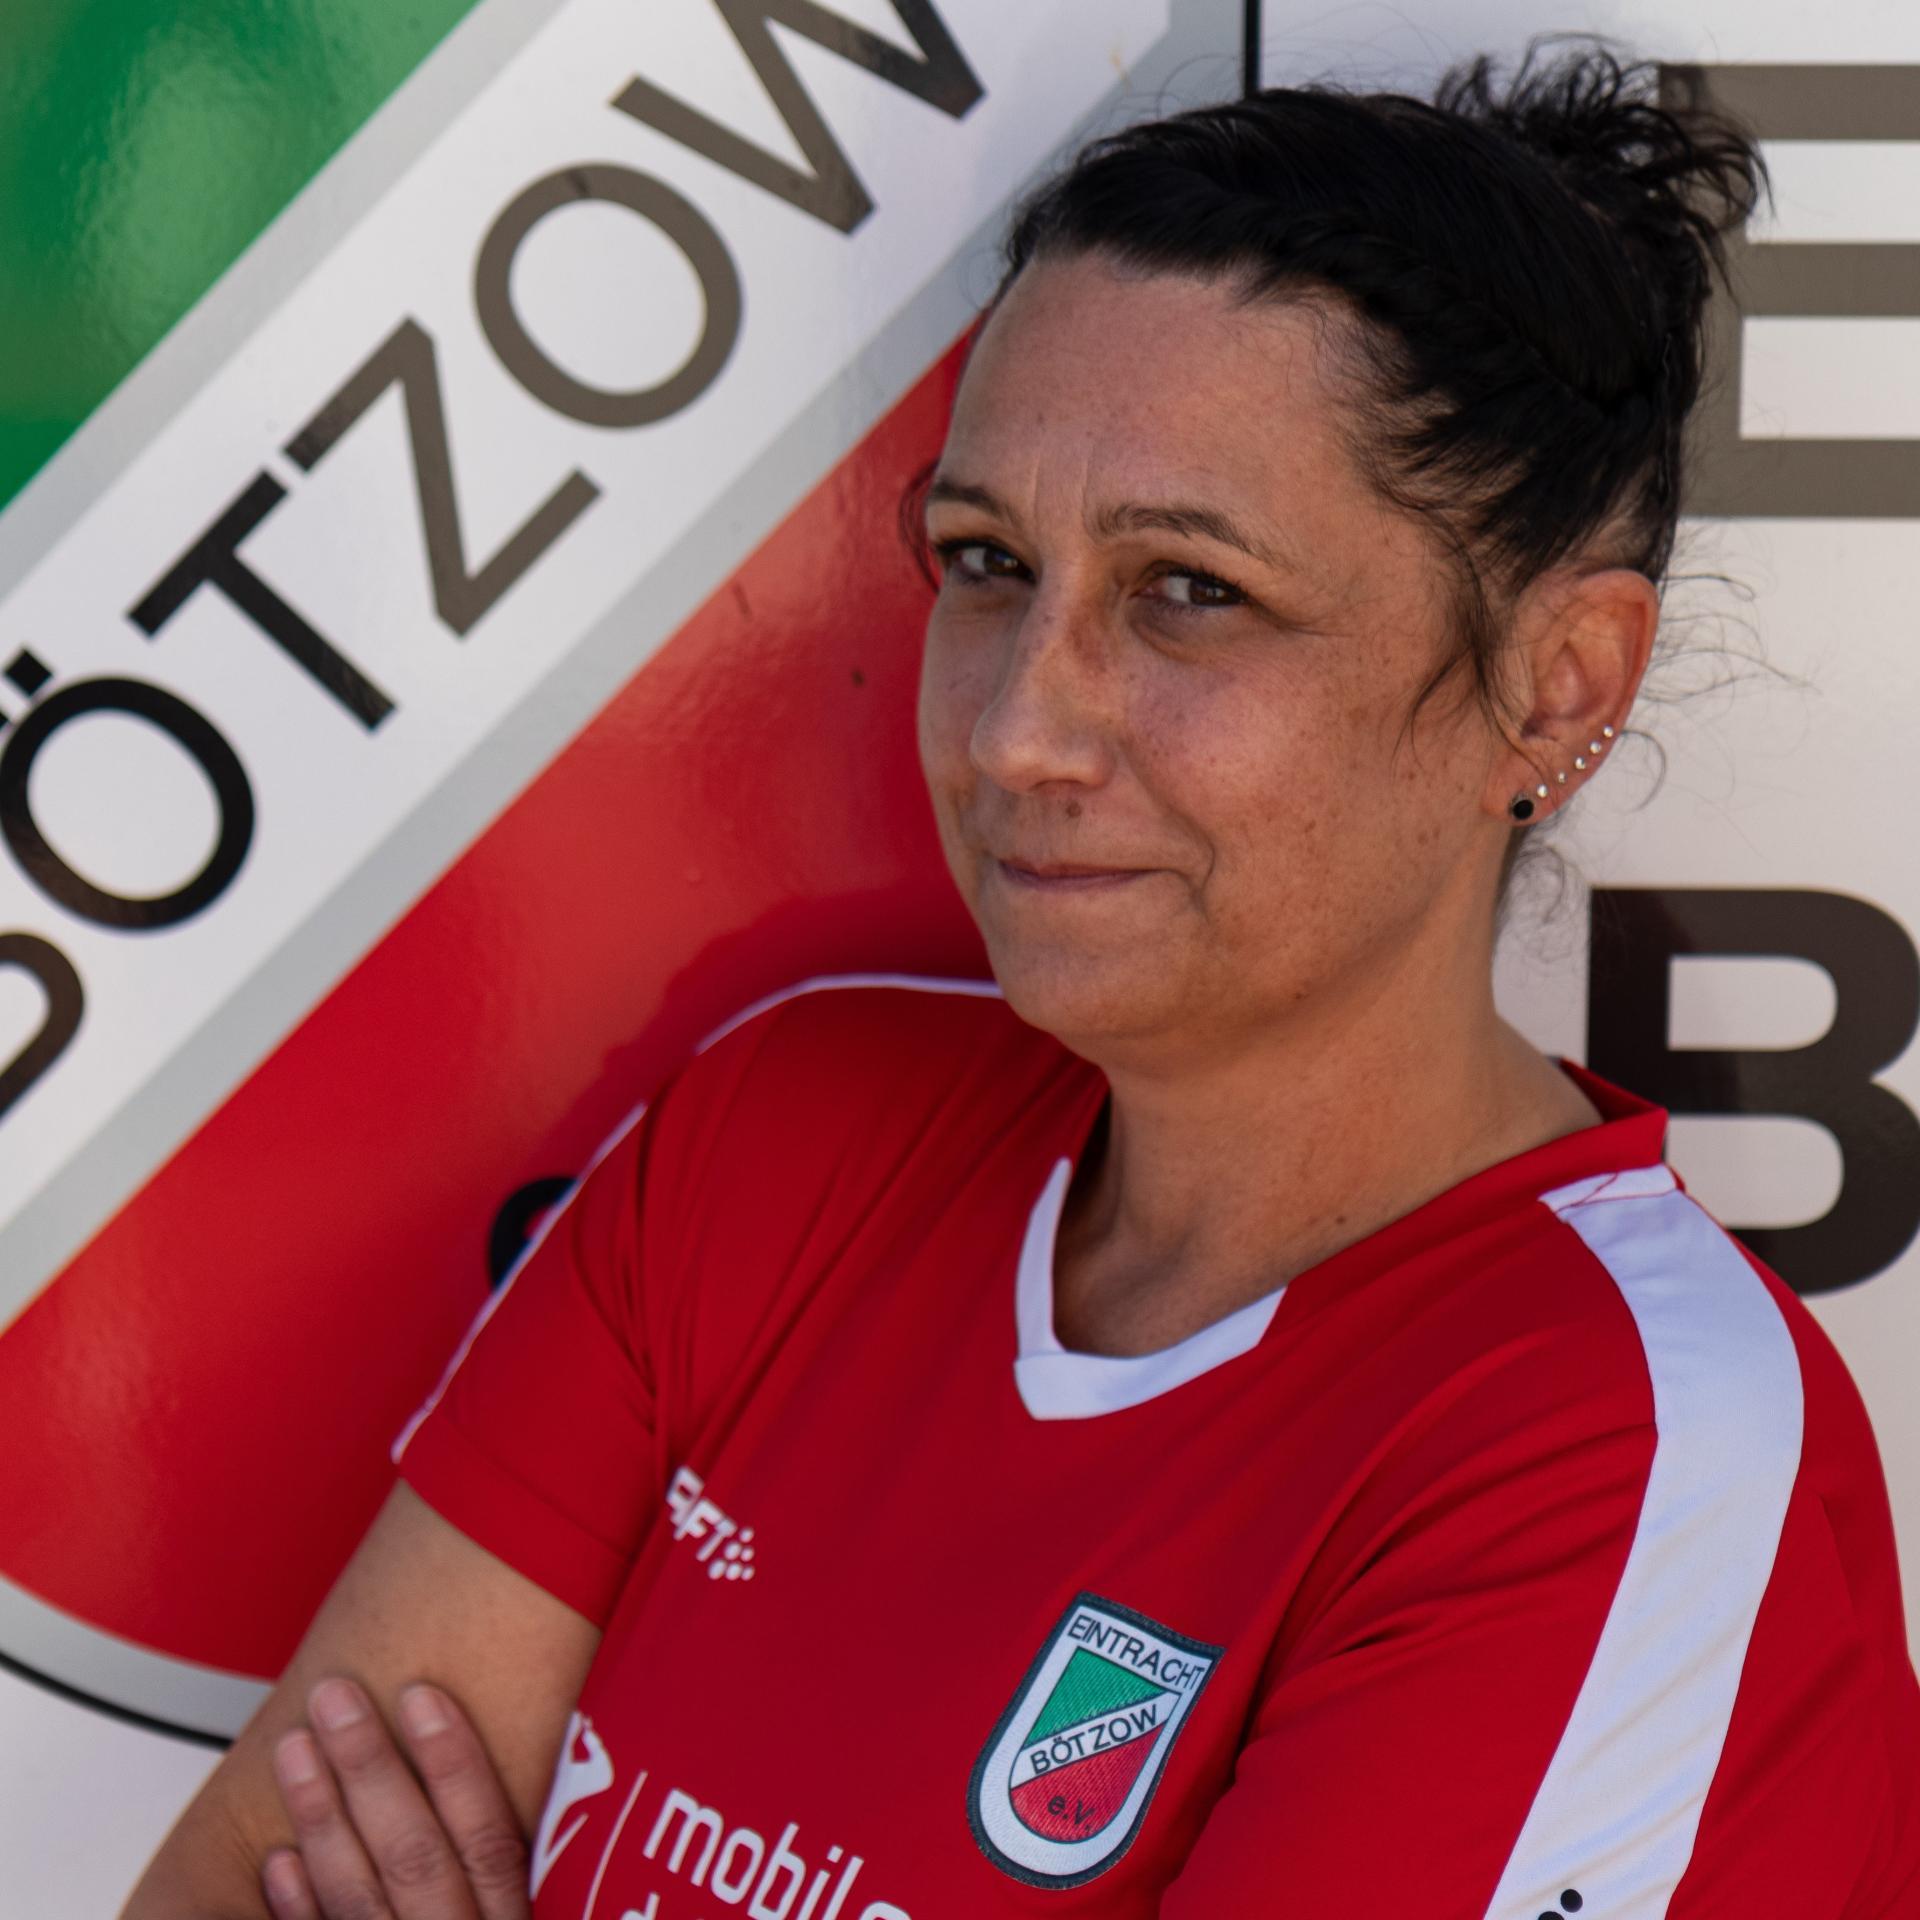 Melanie Zalewski